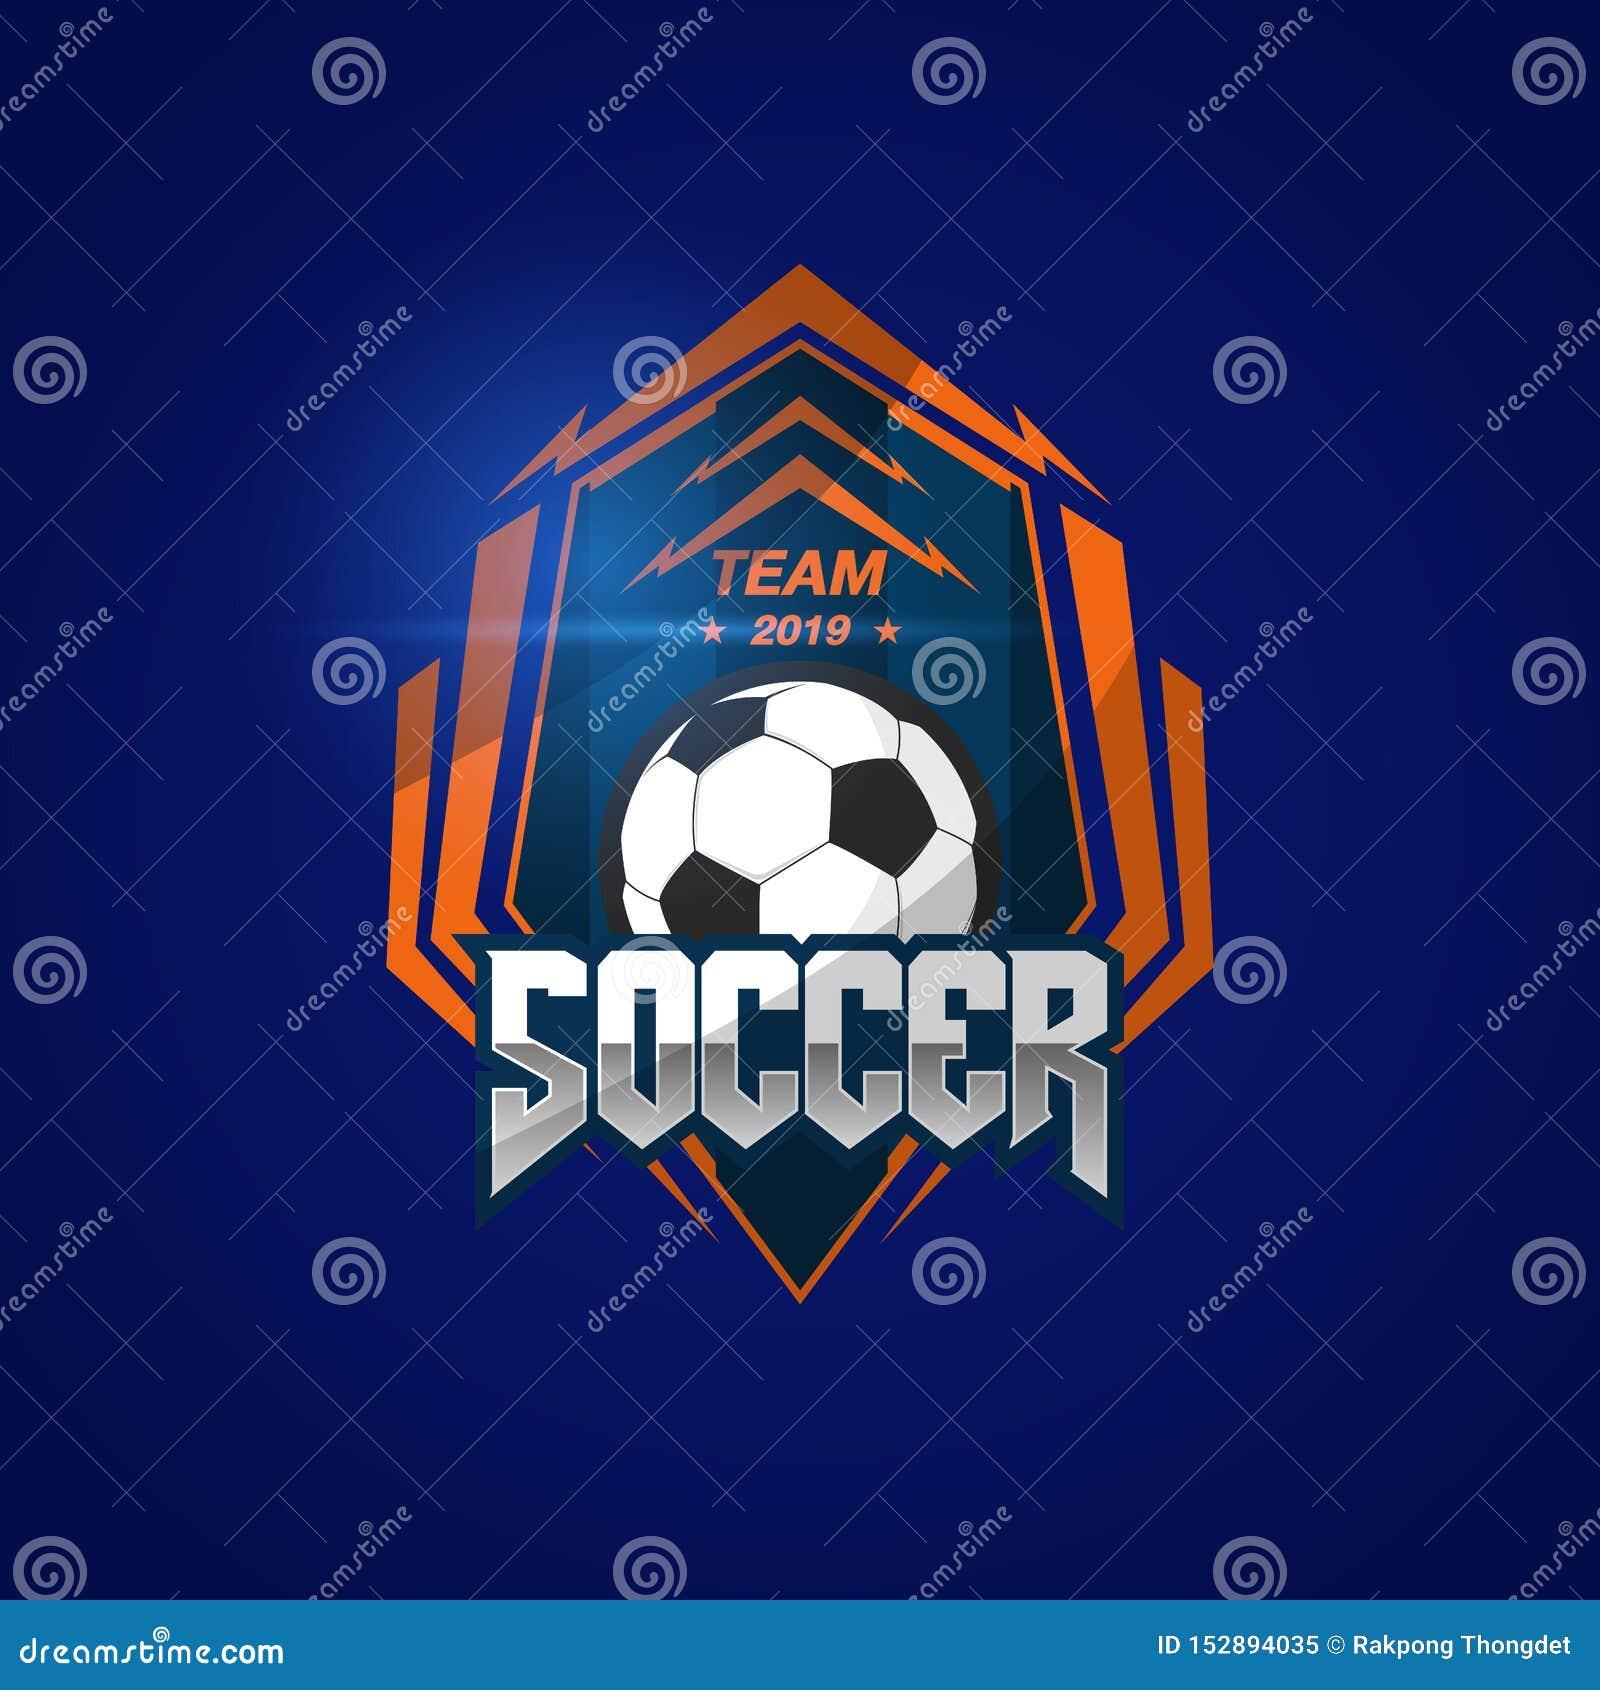 Fotbollfotbollemblem Logo Design Templates | Sport Team Identity Vector Illustrations som isoleras p? bl? bakgrund